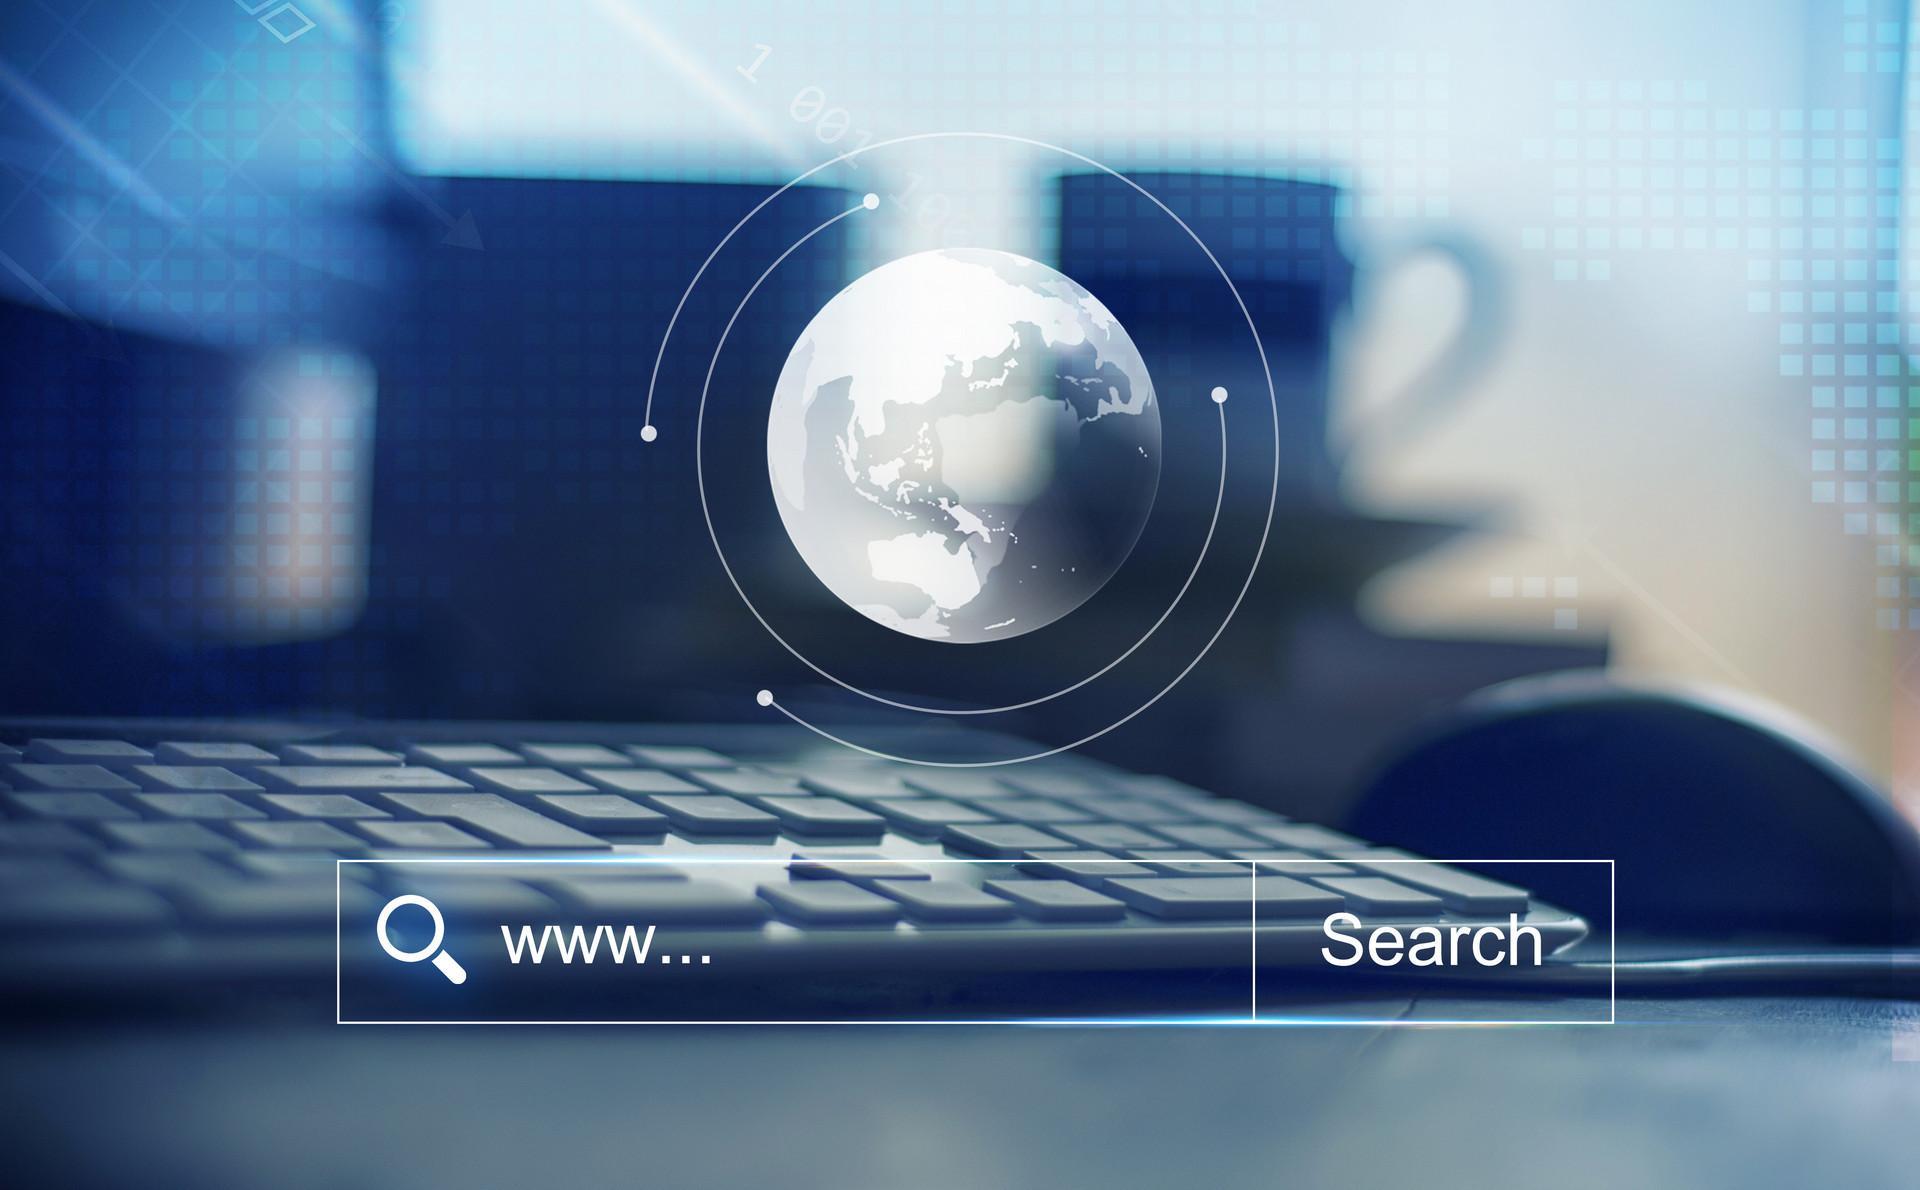 企业展示型网站与电商购物类网站建设的区别?主要体现3个方面